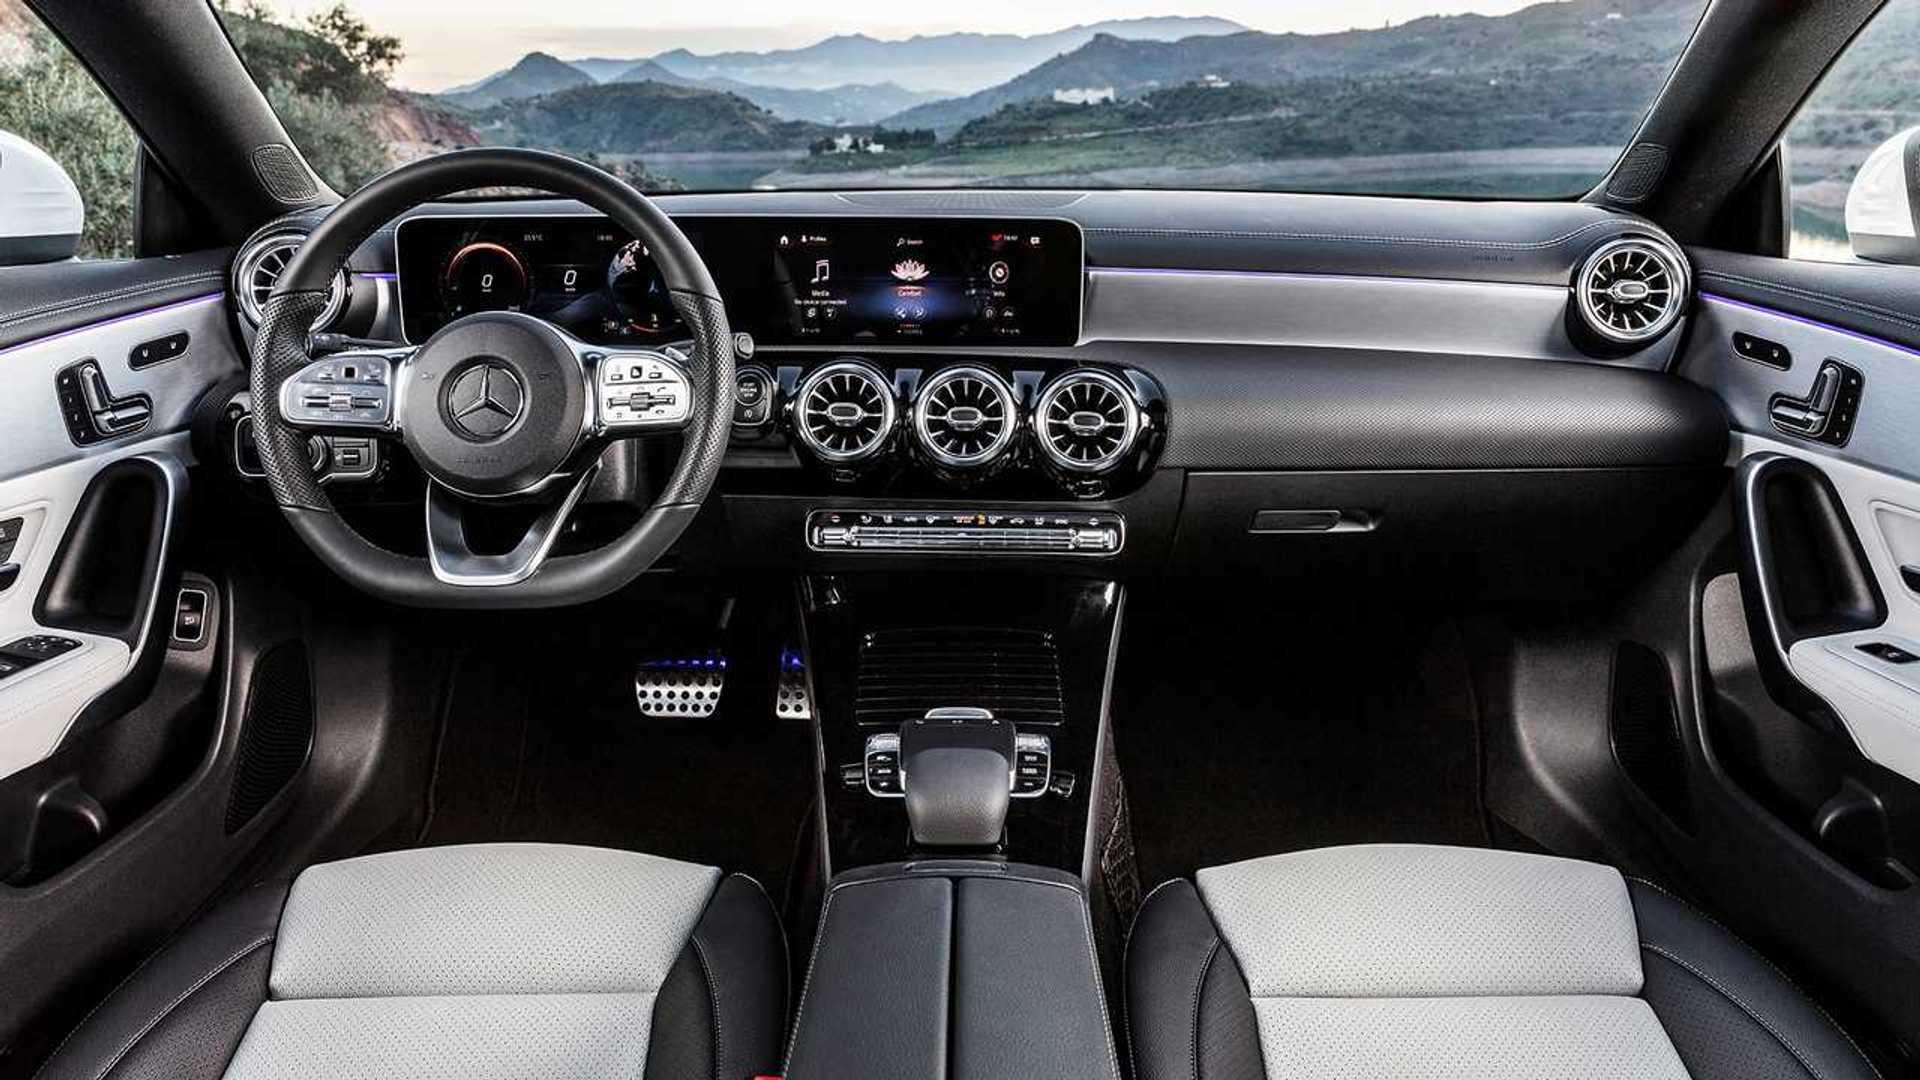 มาชม Mercedes Cla Shooting Brake 2019